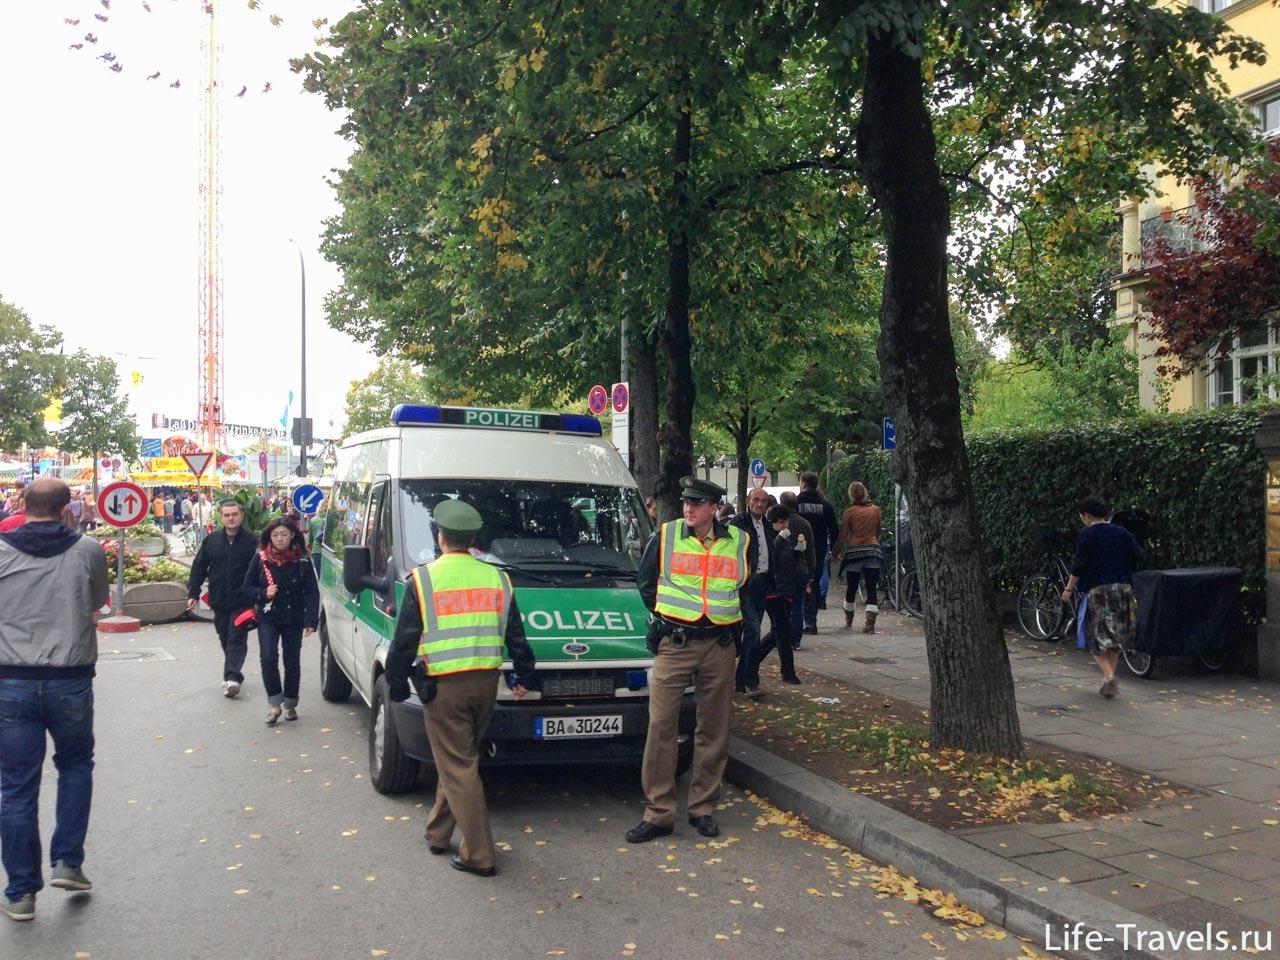 Police Oktoberfest